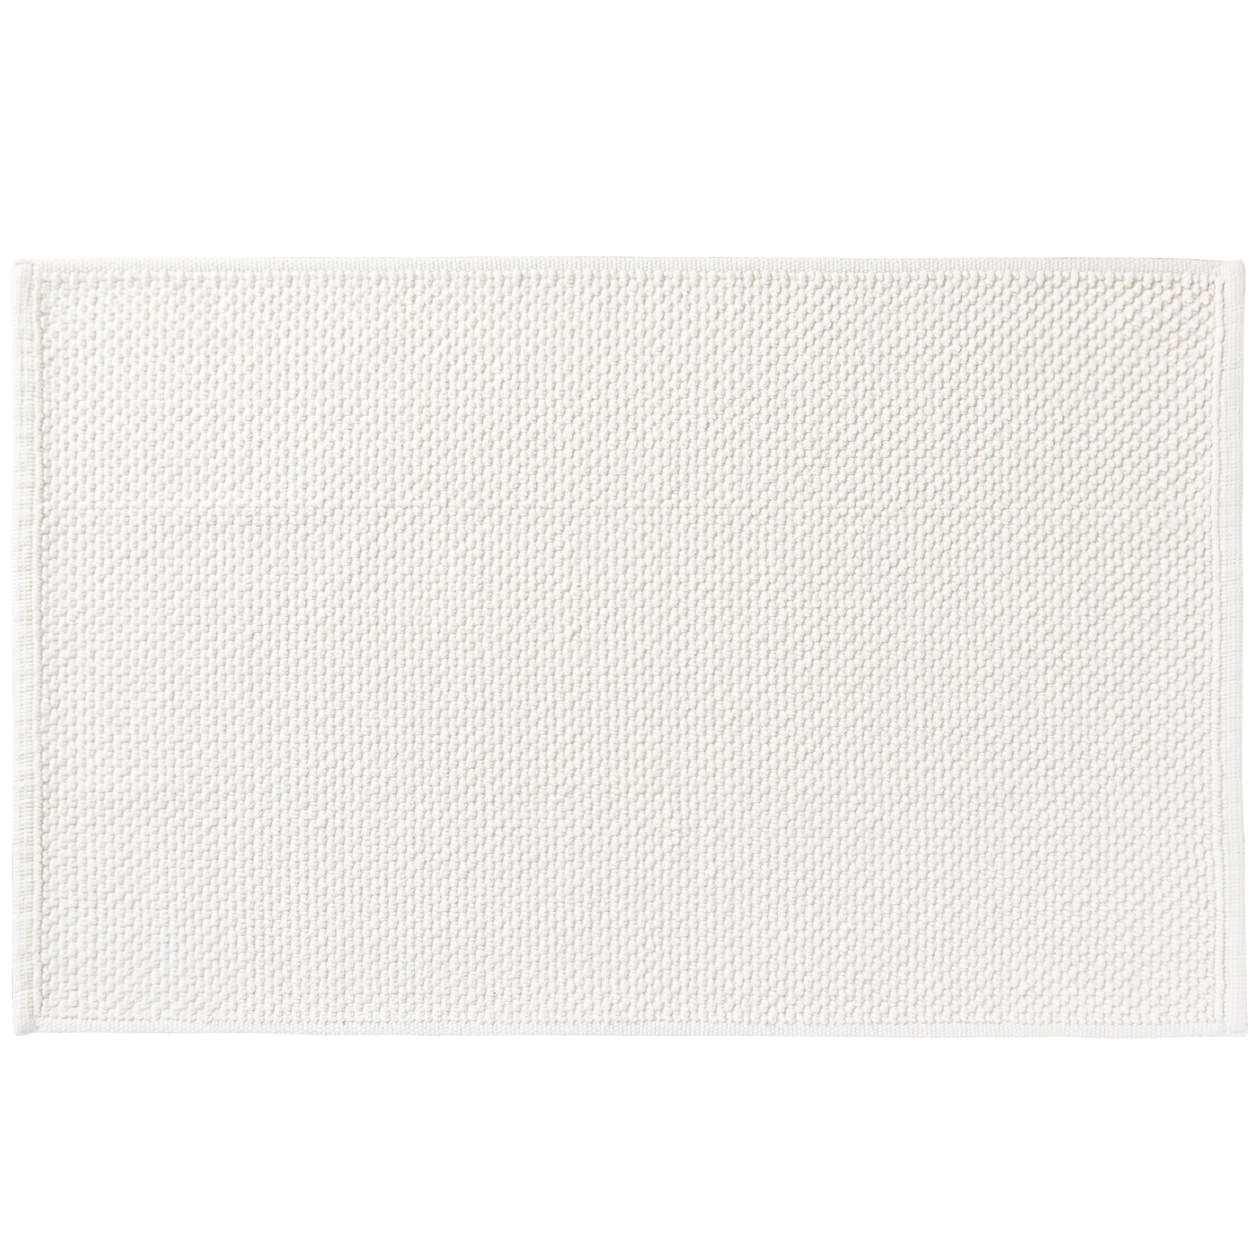 インド綿手織パイルバスマット・S/オフ白